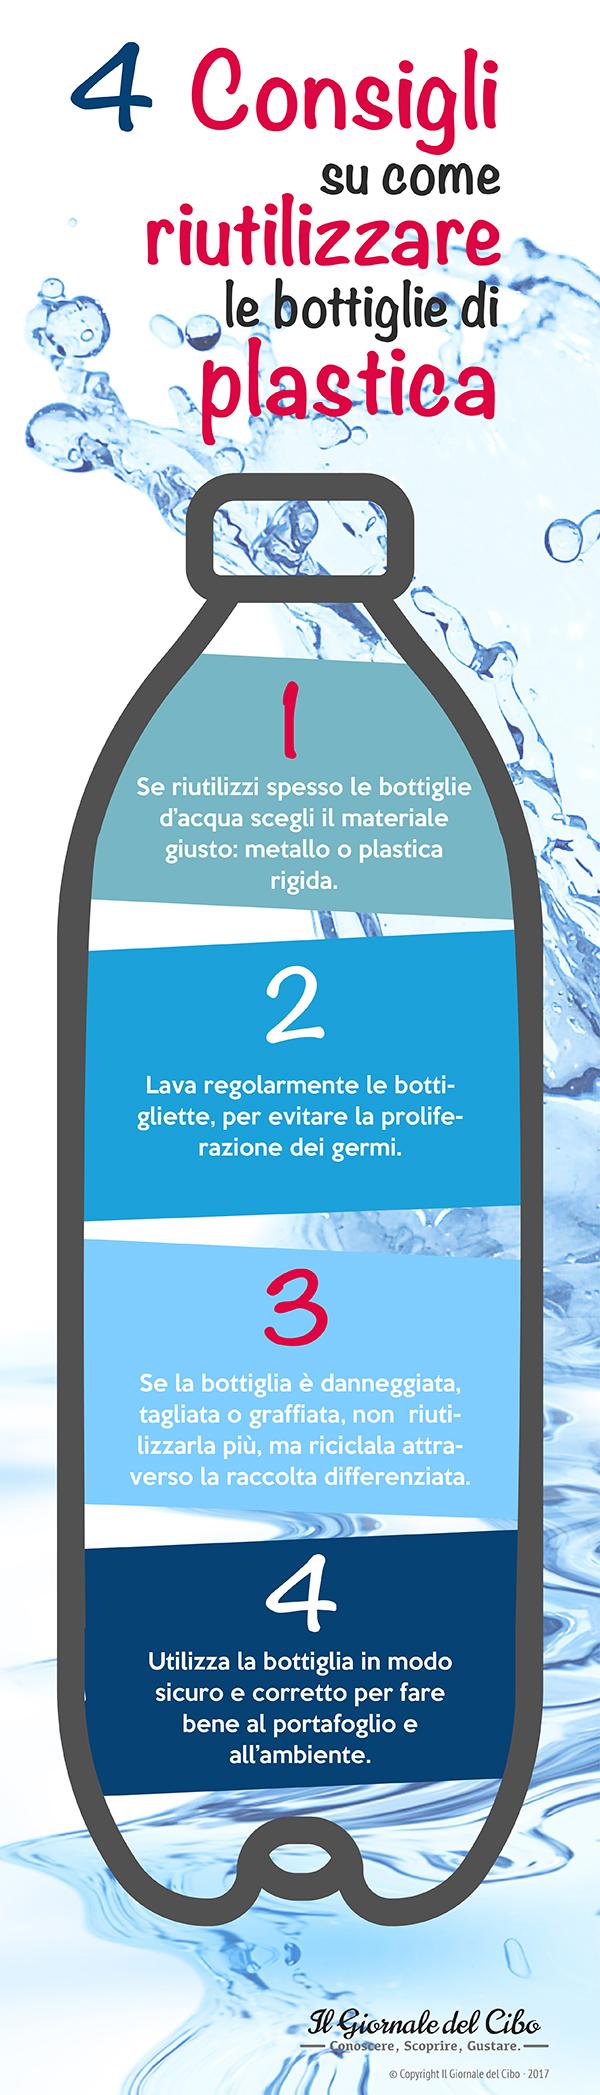 come riutilizzare le bottiglie di plastica infografica